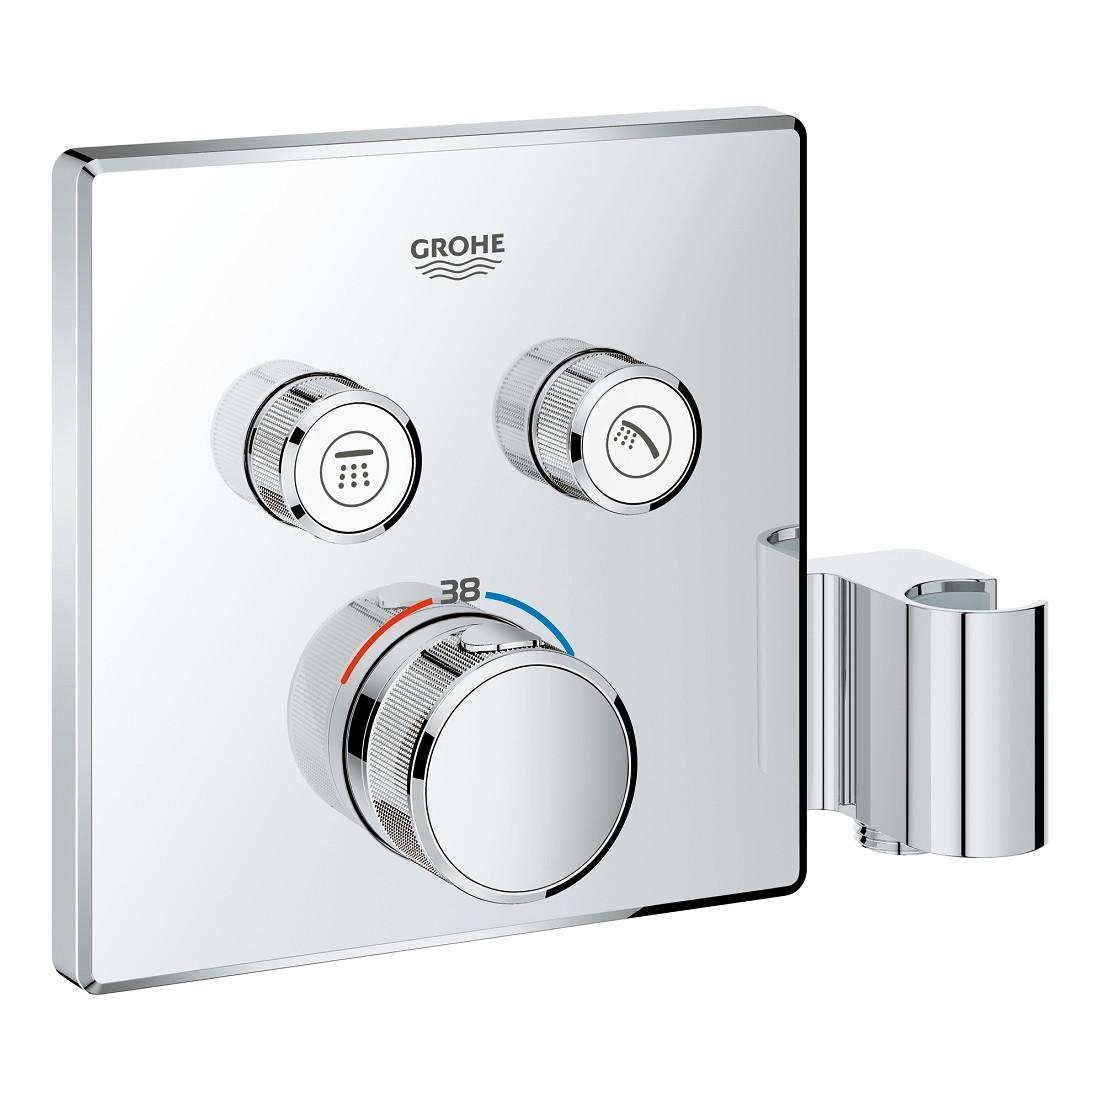 GROHTHERM SmartControl термостат для душа, внешняя часть, на 2 потребителя, со встроенным держателем ручного